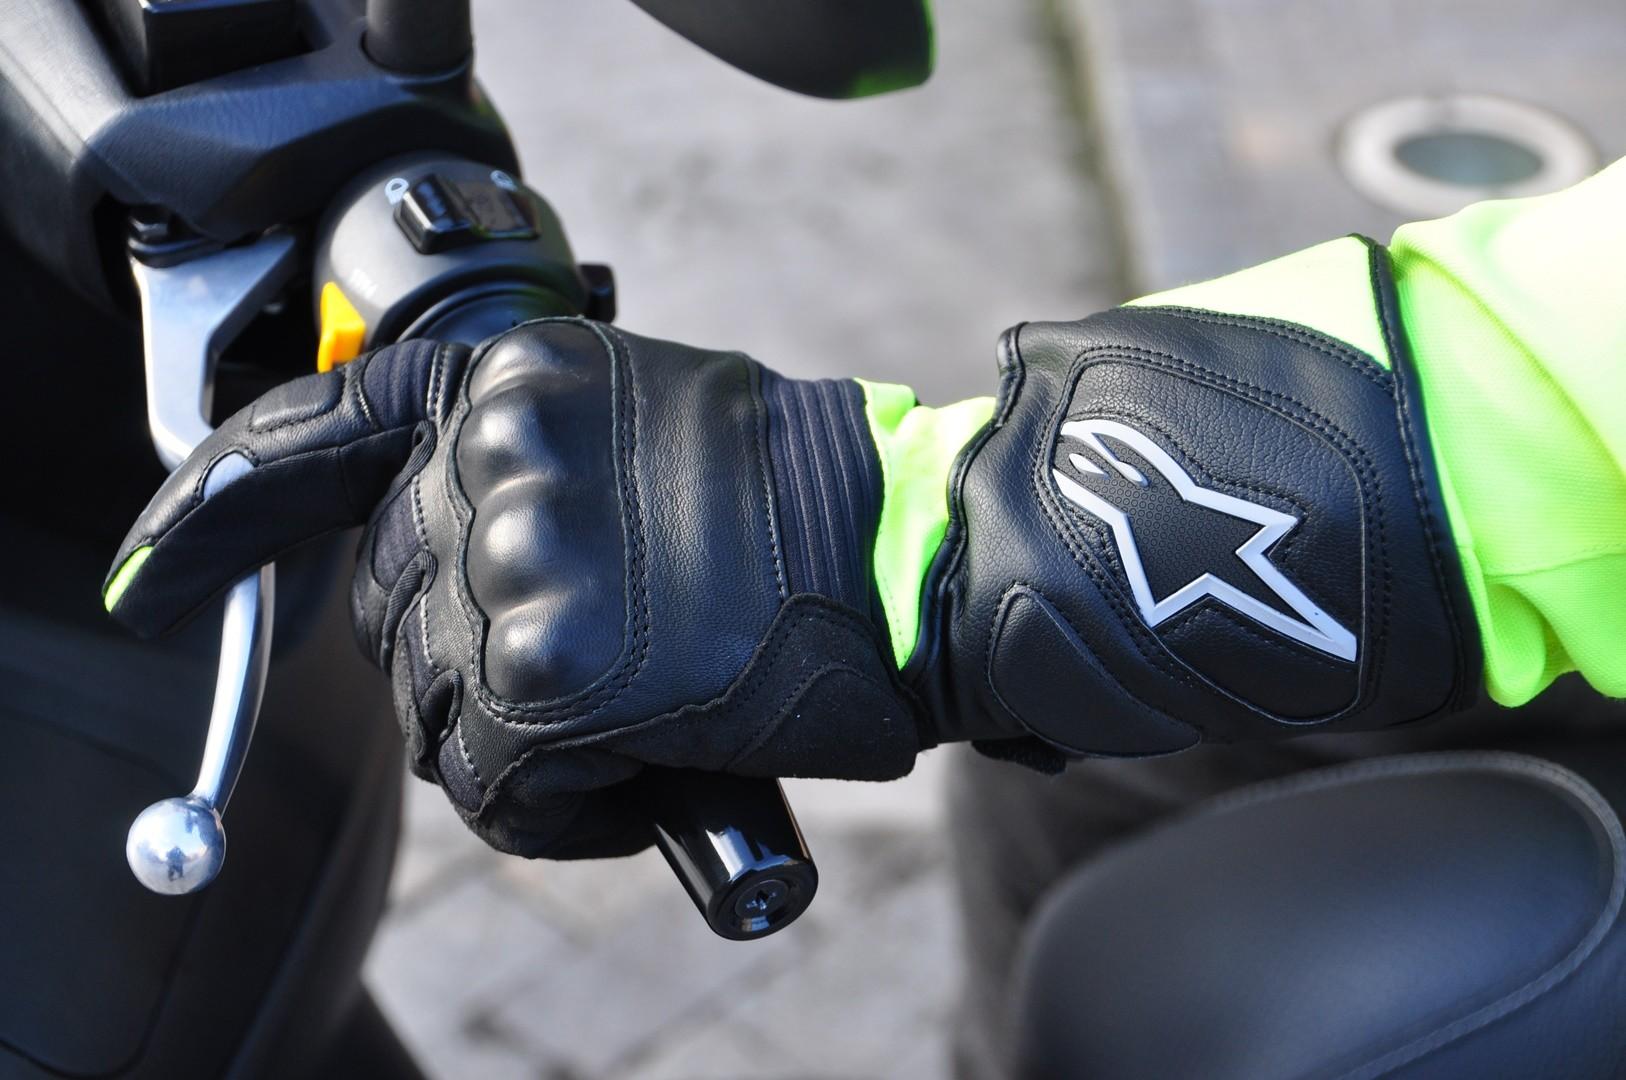 Guantes de moto homologados: cómo son y qué pruebas pasan